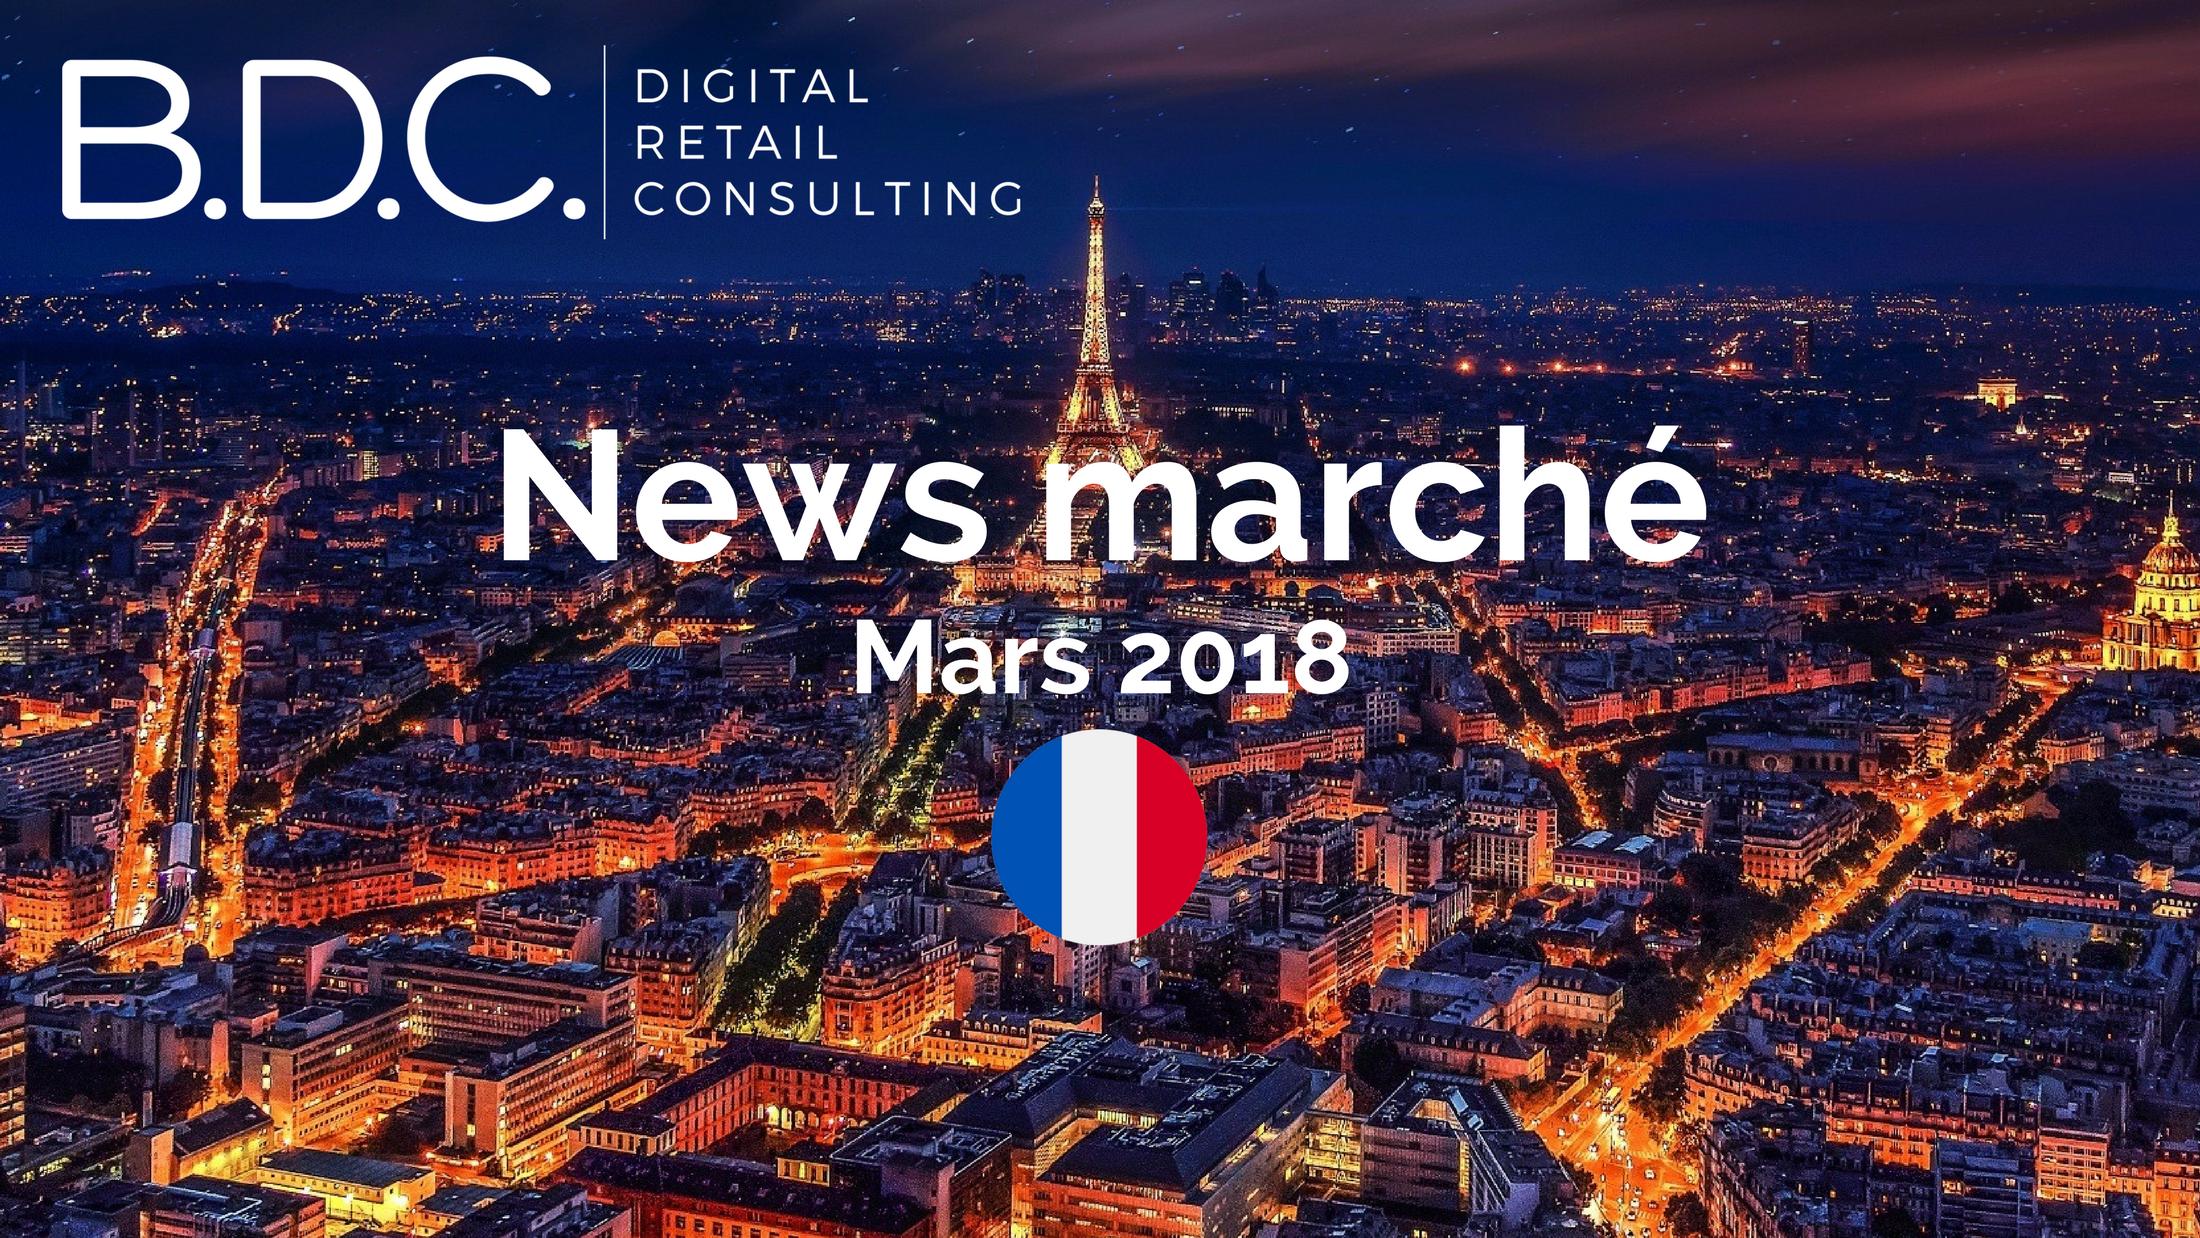 Trends News suite 1 - News marché - Mars 2018